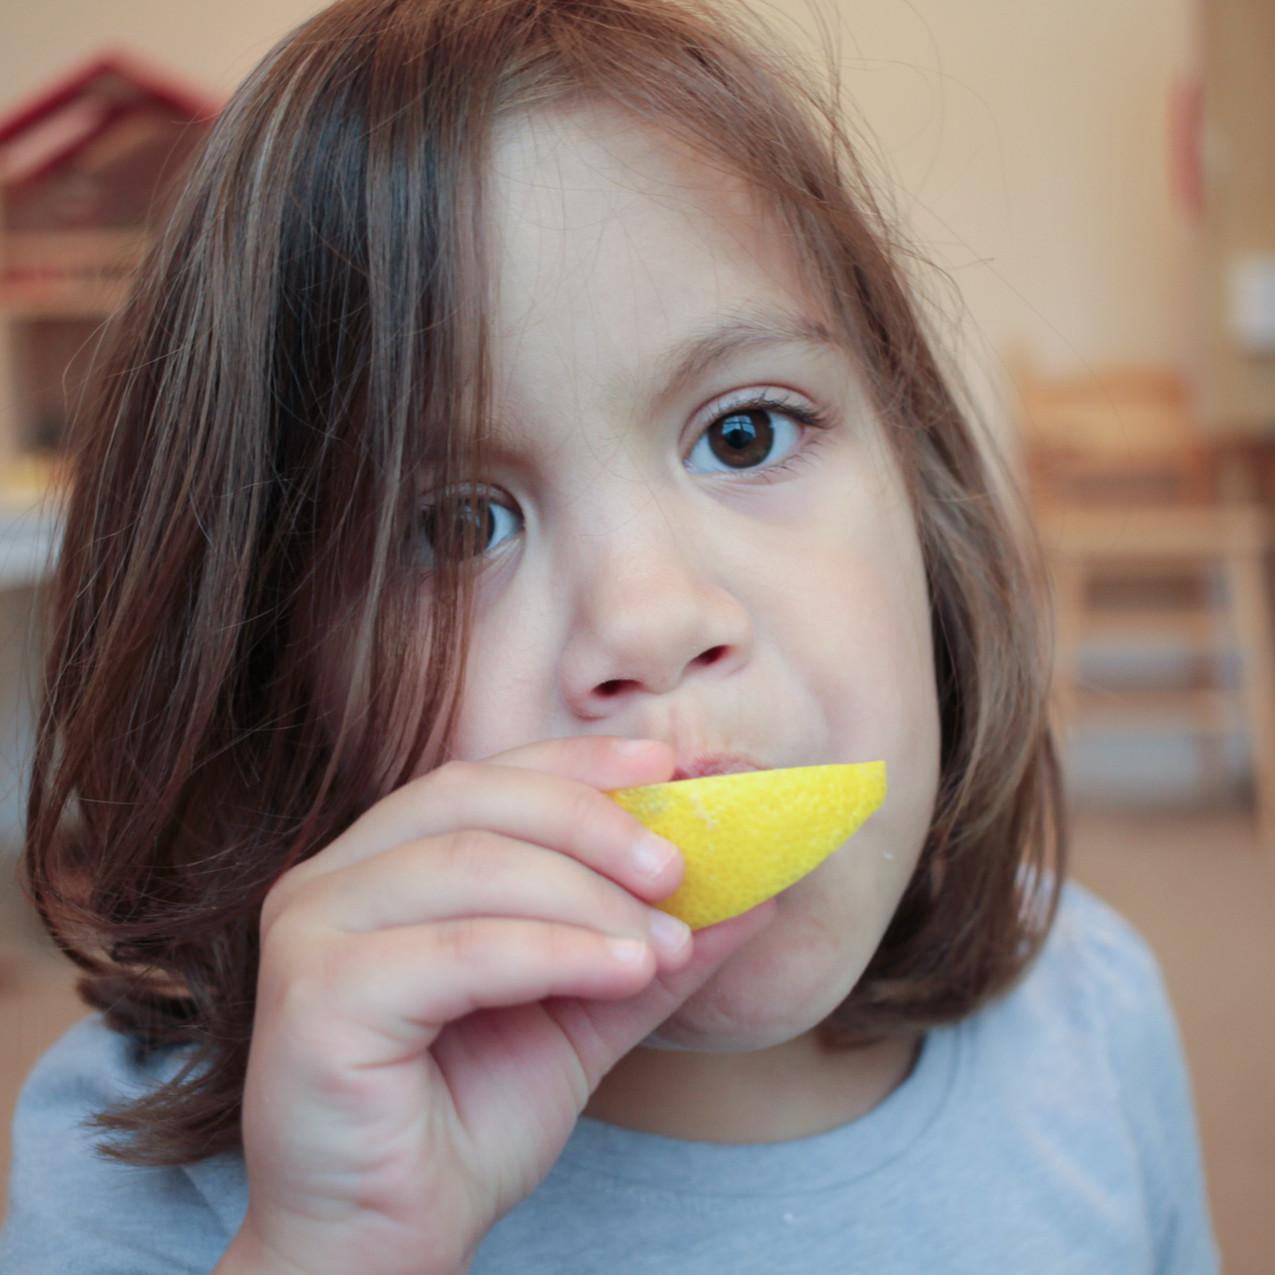 Lemon Likes?